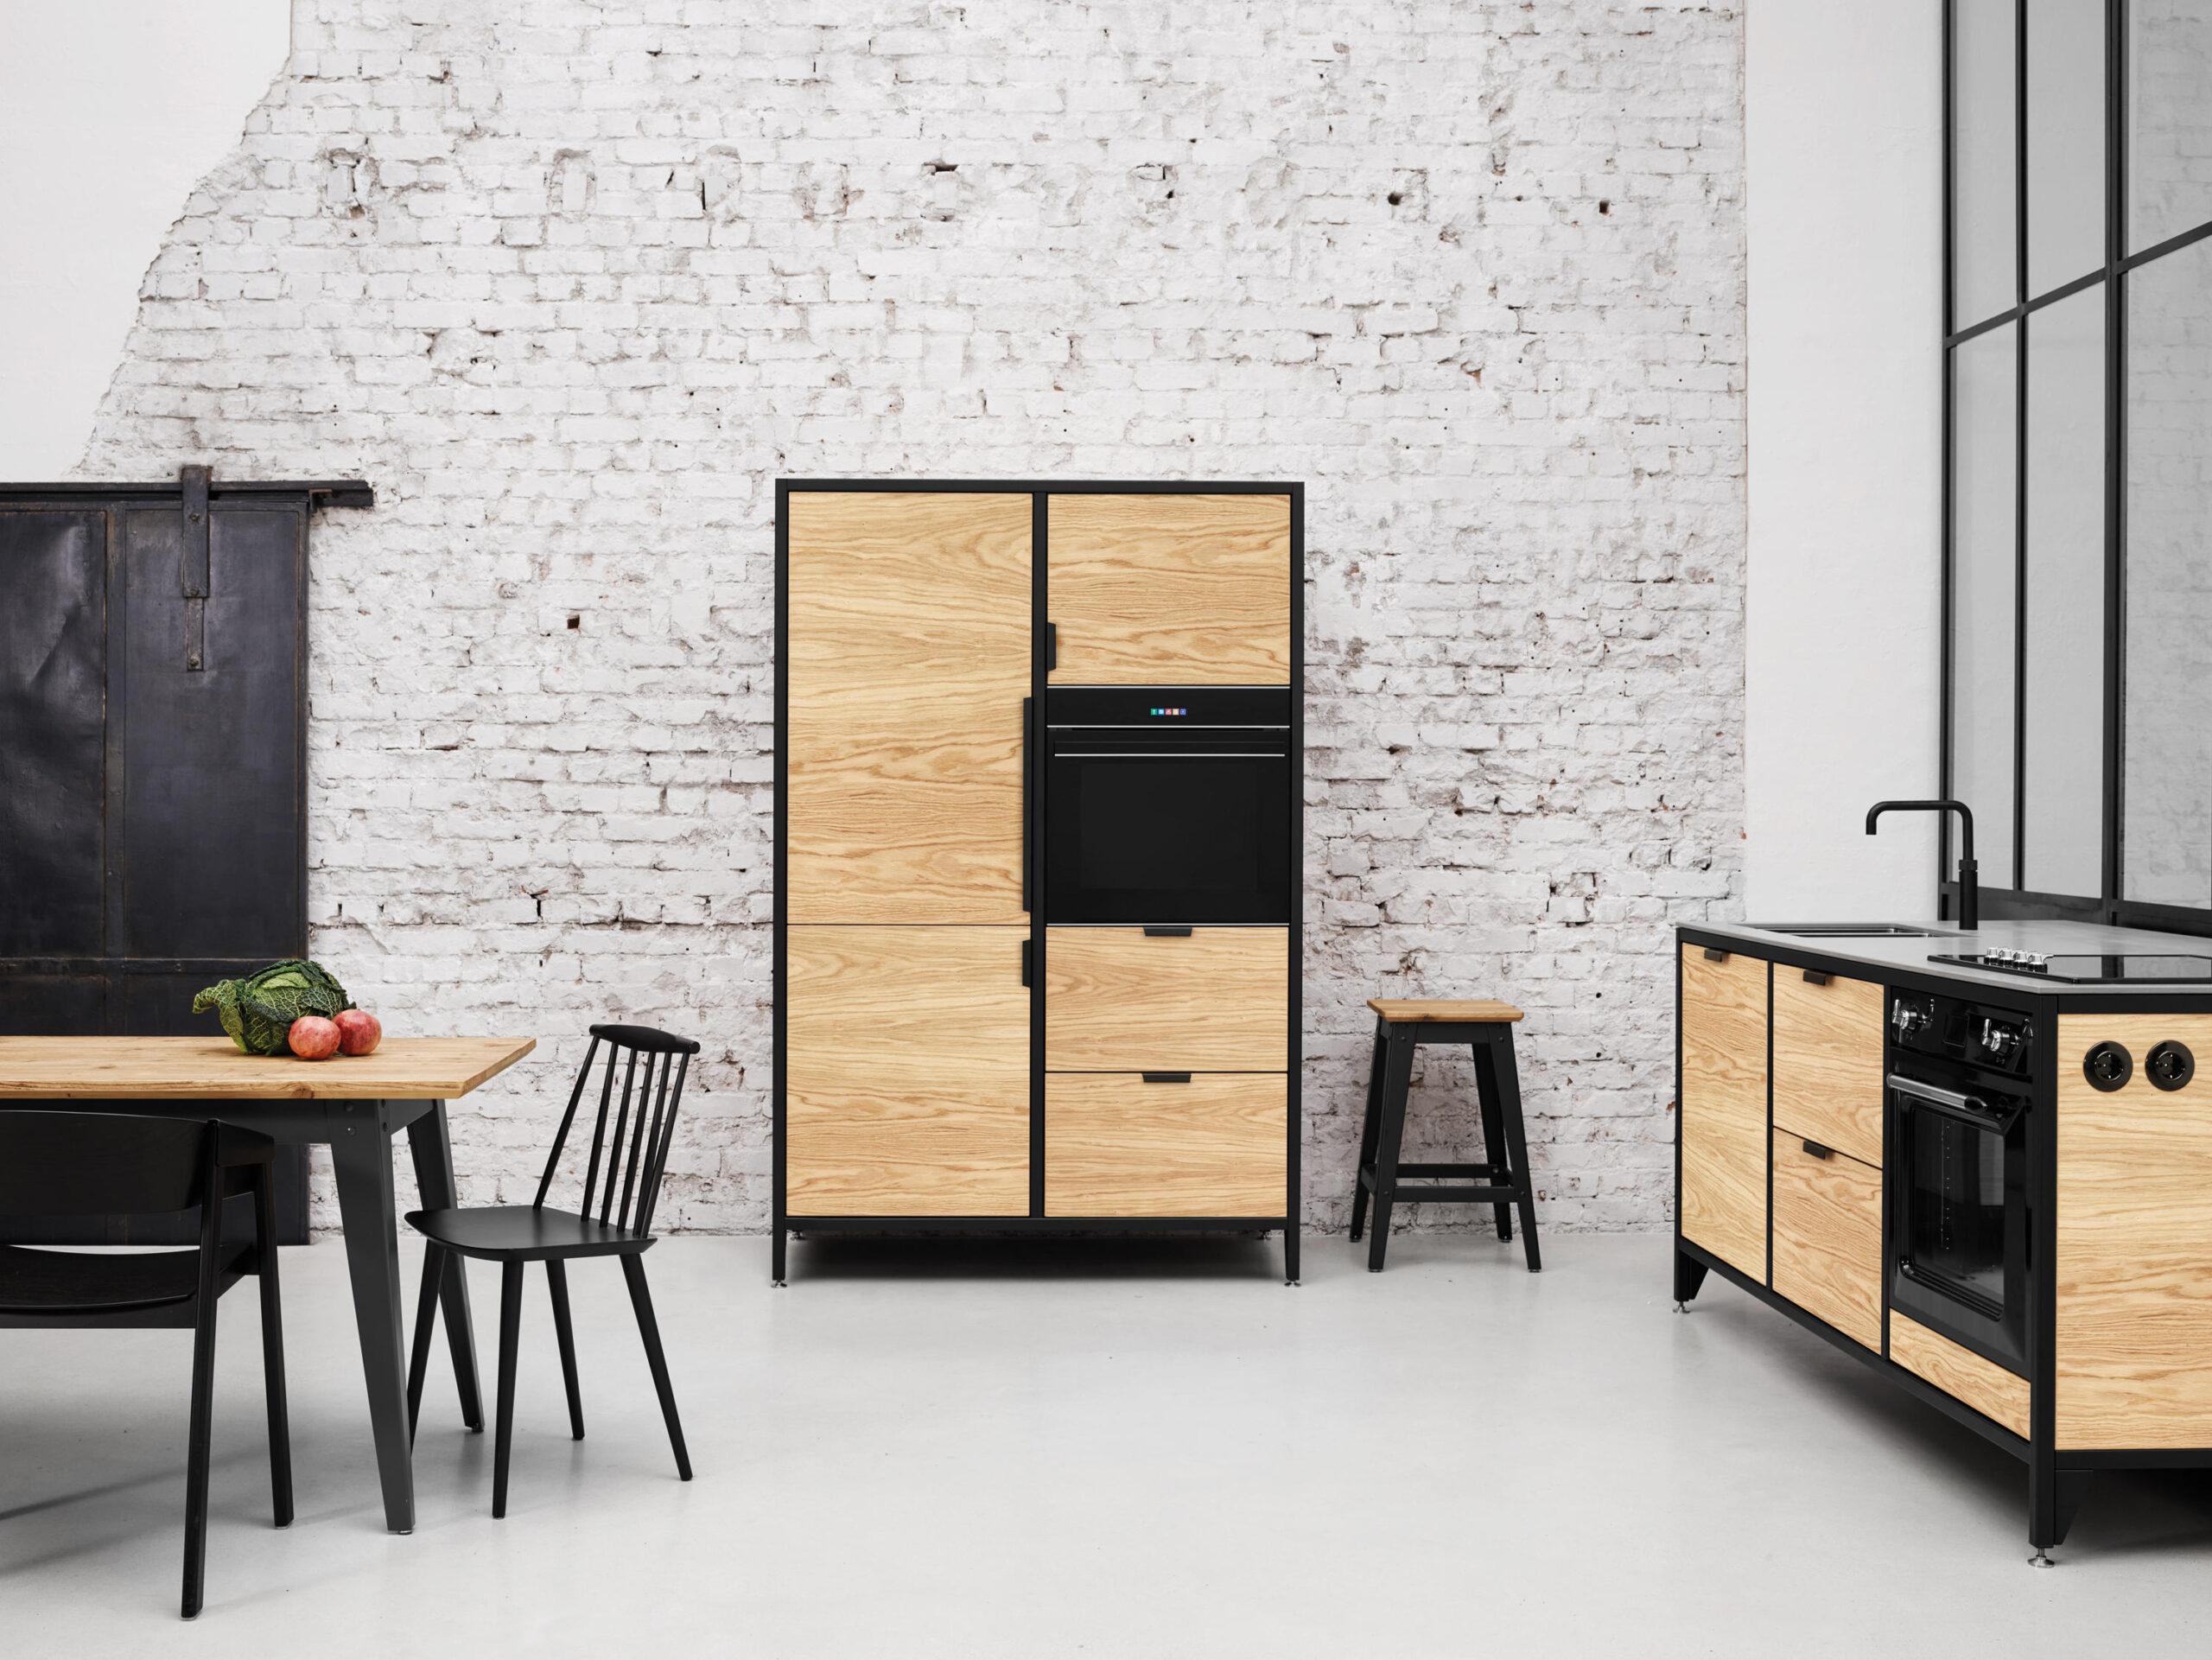 Full Size of Werk Modulkche Designermbel Architonic Wohnzimmer Modulküchen